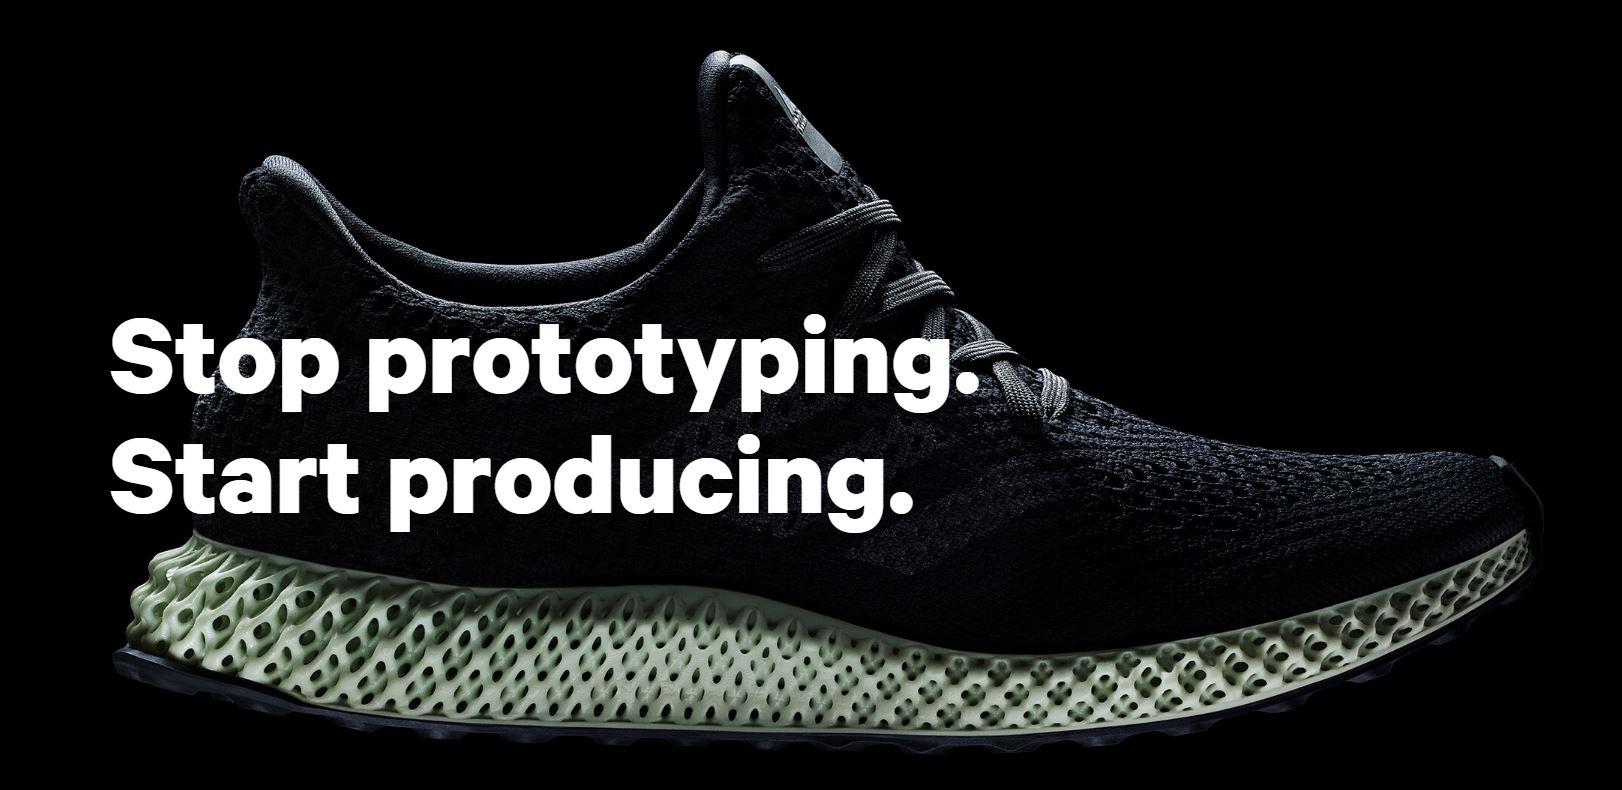 3Dprinted shoe FutureCraft 4D